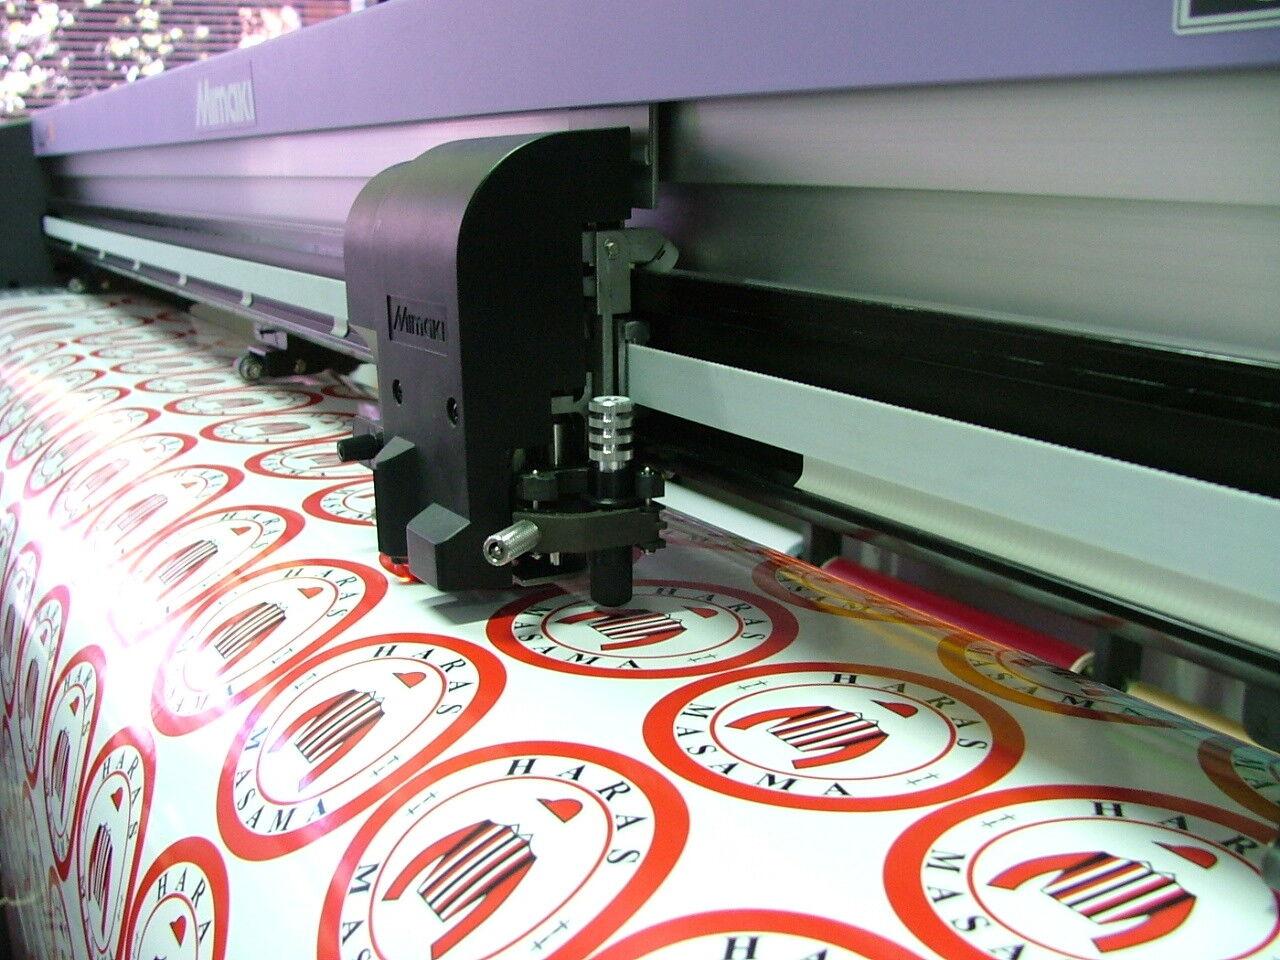 Купить 25 3x3 Custom Sticker Bulk Print Vinyl Your Design Decals Labels Logo Stickers